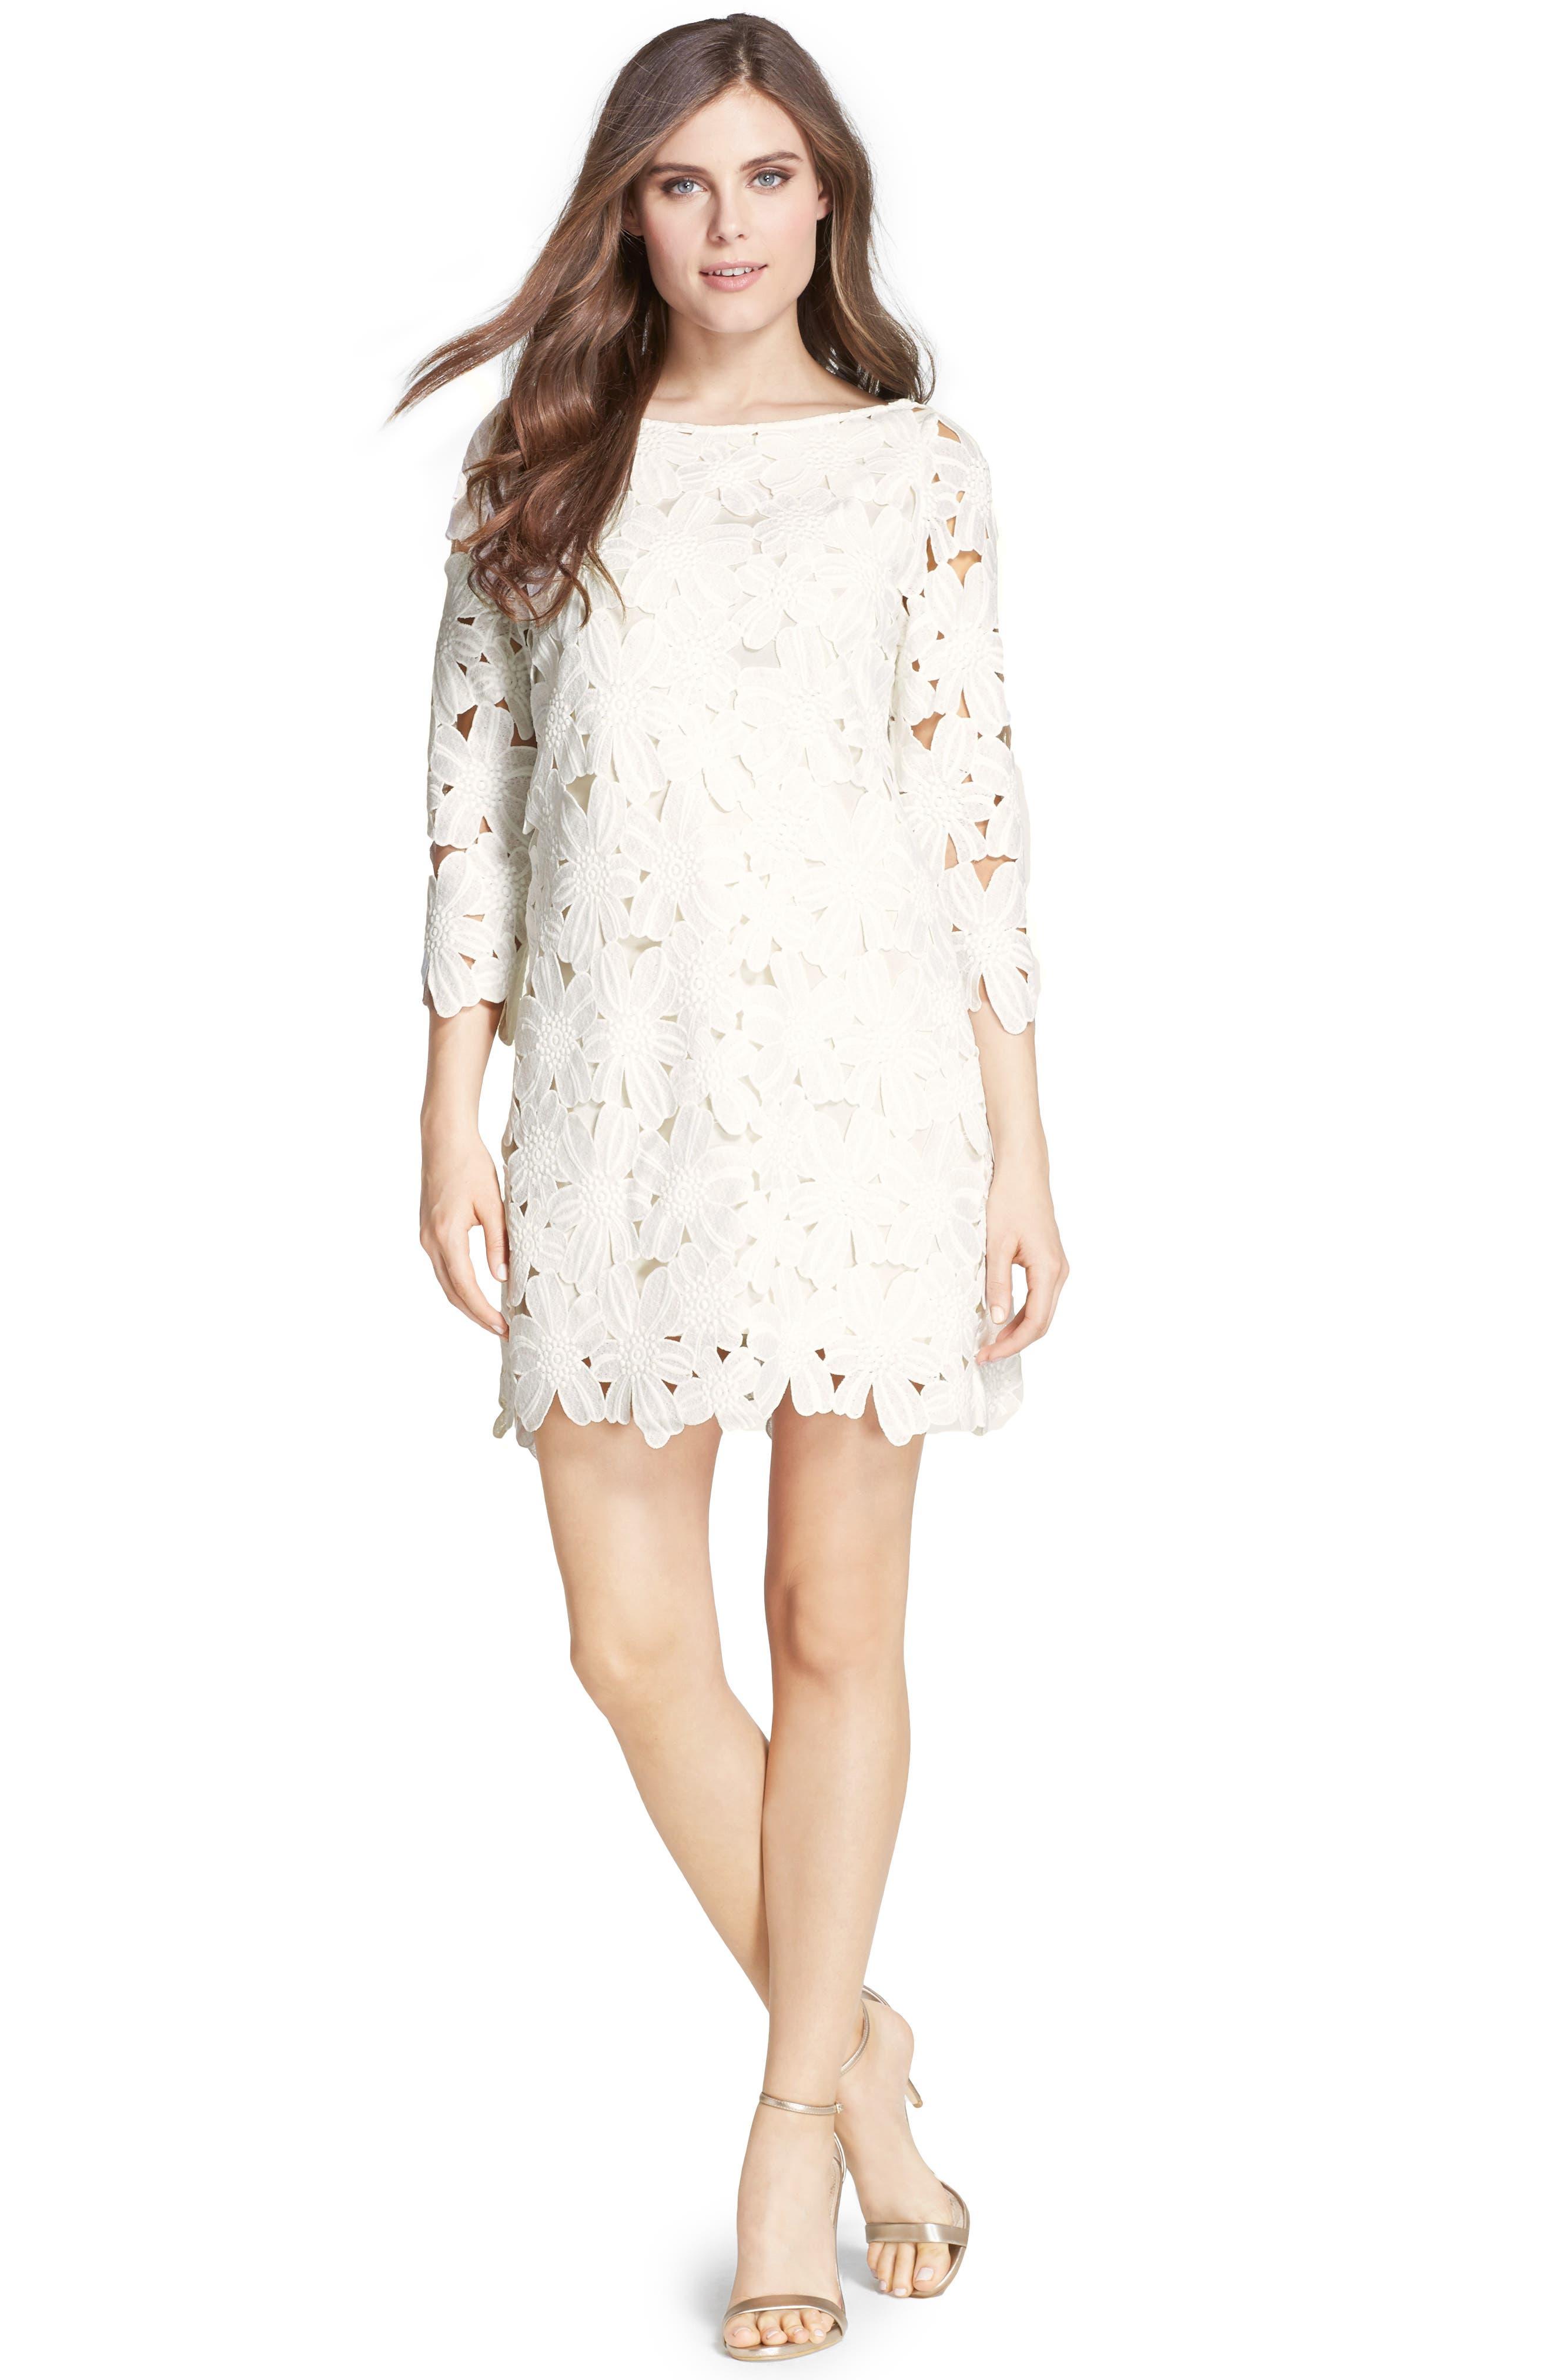 Belza Floral Lace Shift Dress,                             Alternate thumbnail 11, color,                             100